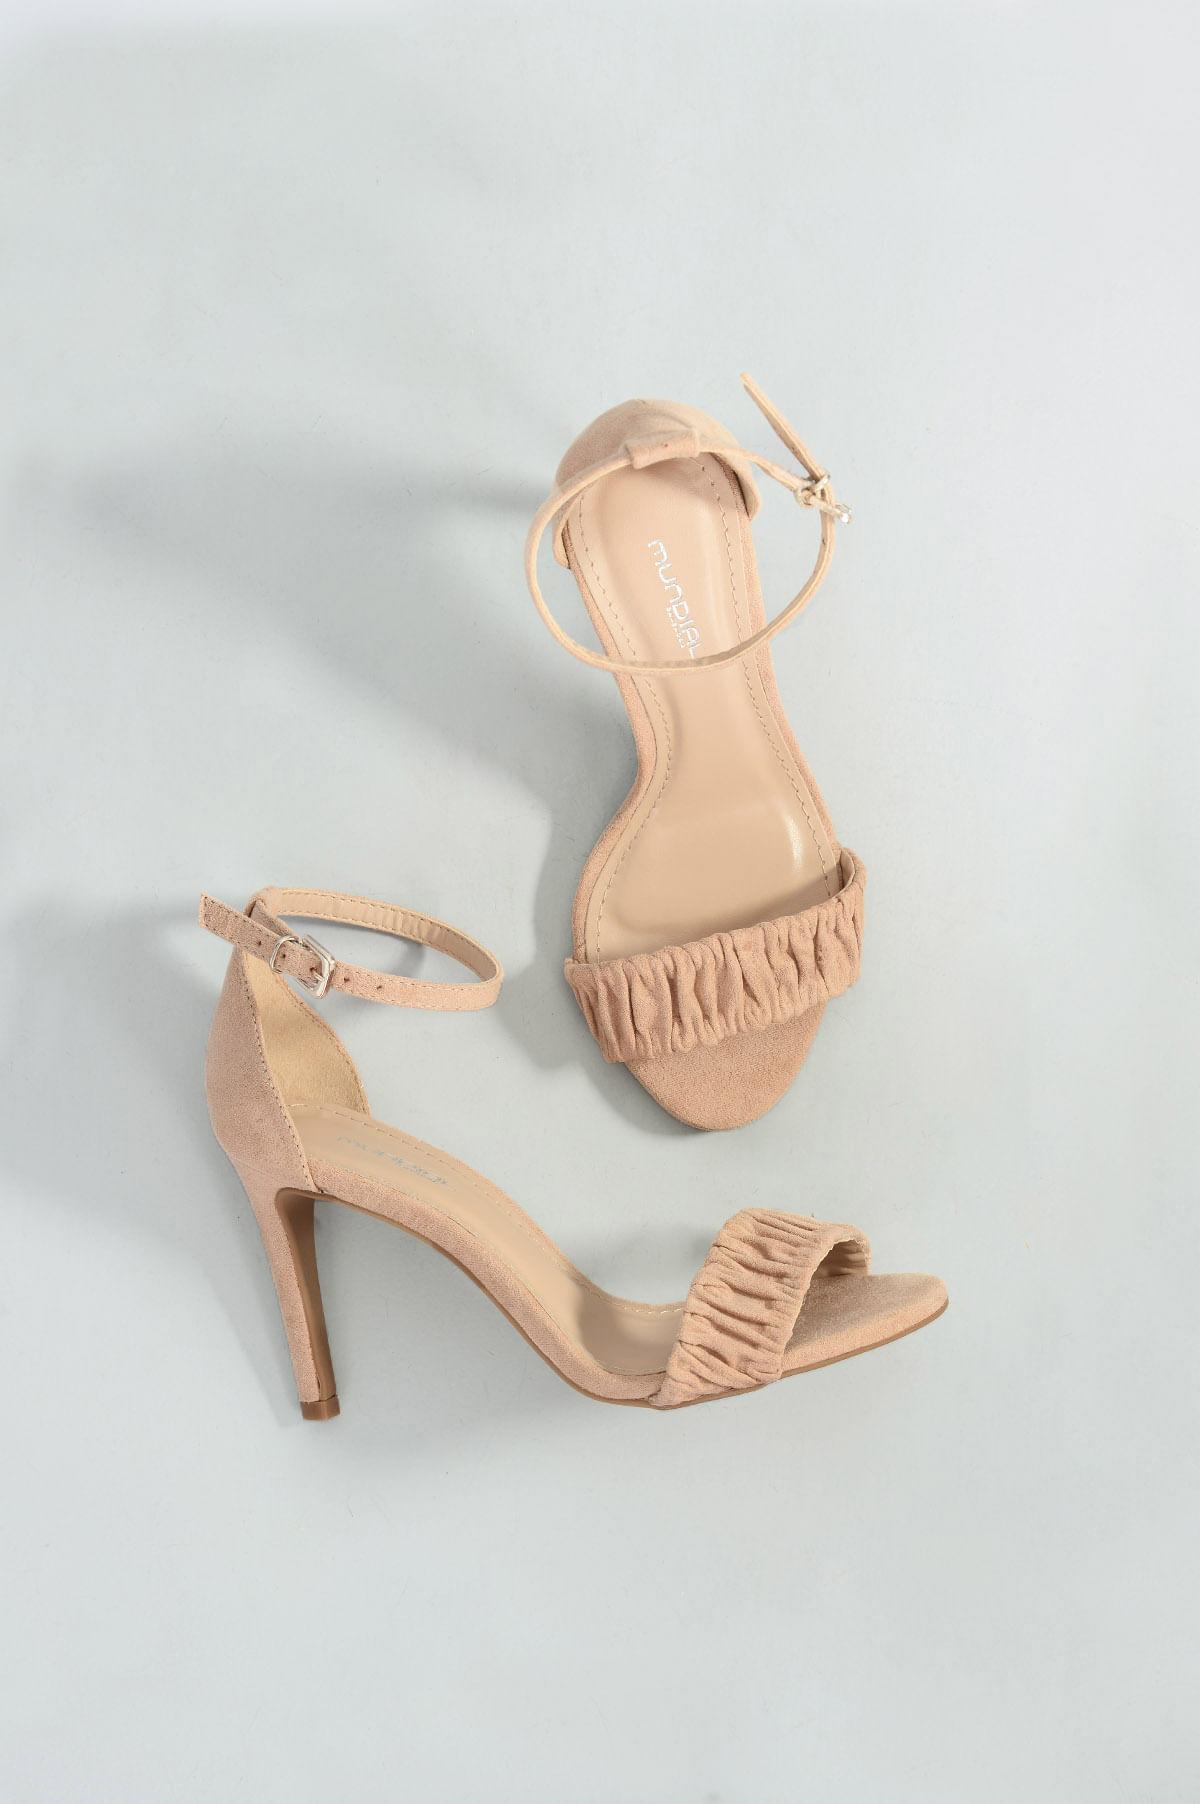 7ae388bd1 Sandália Feminina Salto Alto Kaira Mundial CAM - NUDE - Mundial Calçados